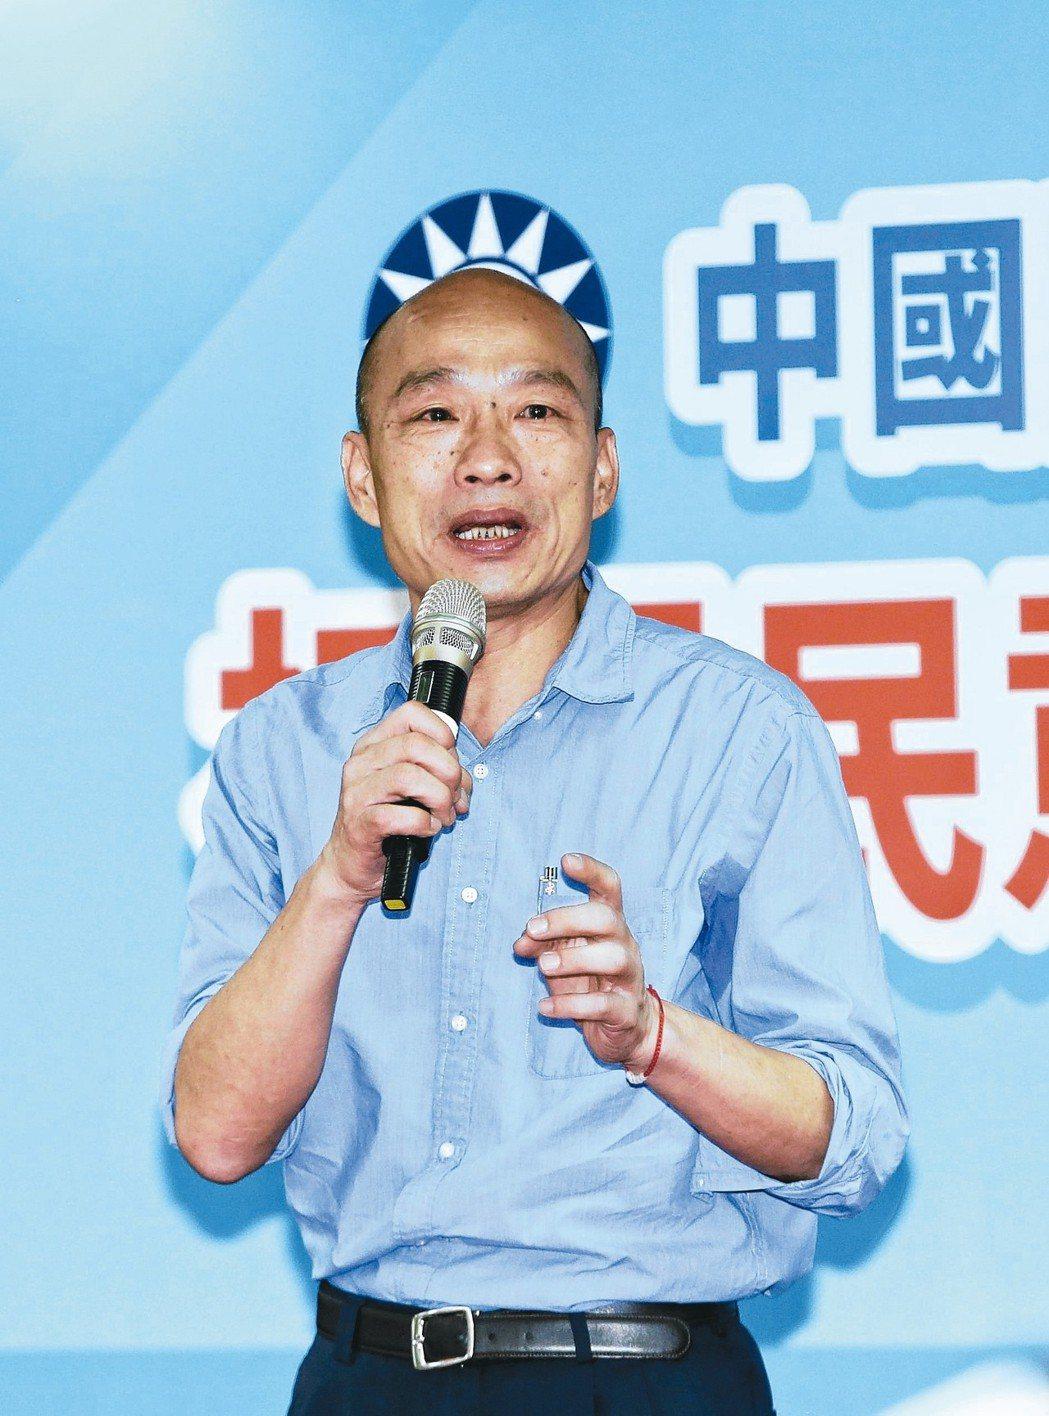 高雄市長韓國瑜今出席民調結果公布記者會,表示自己勝出,心中沒有一絲一毫的喜悅和歡...